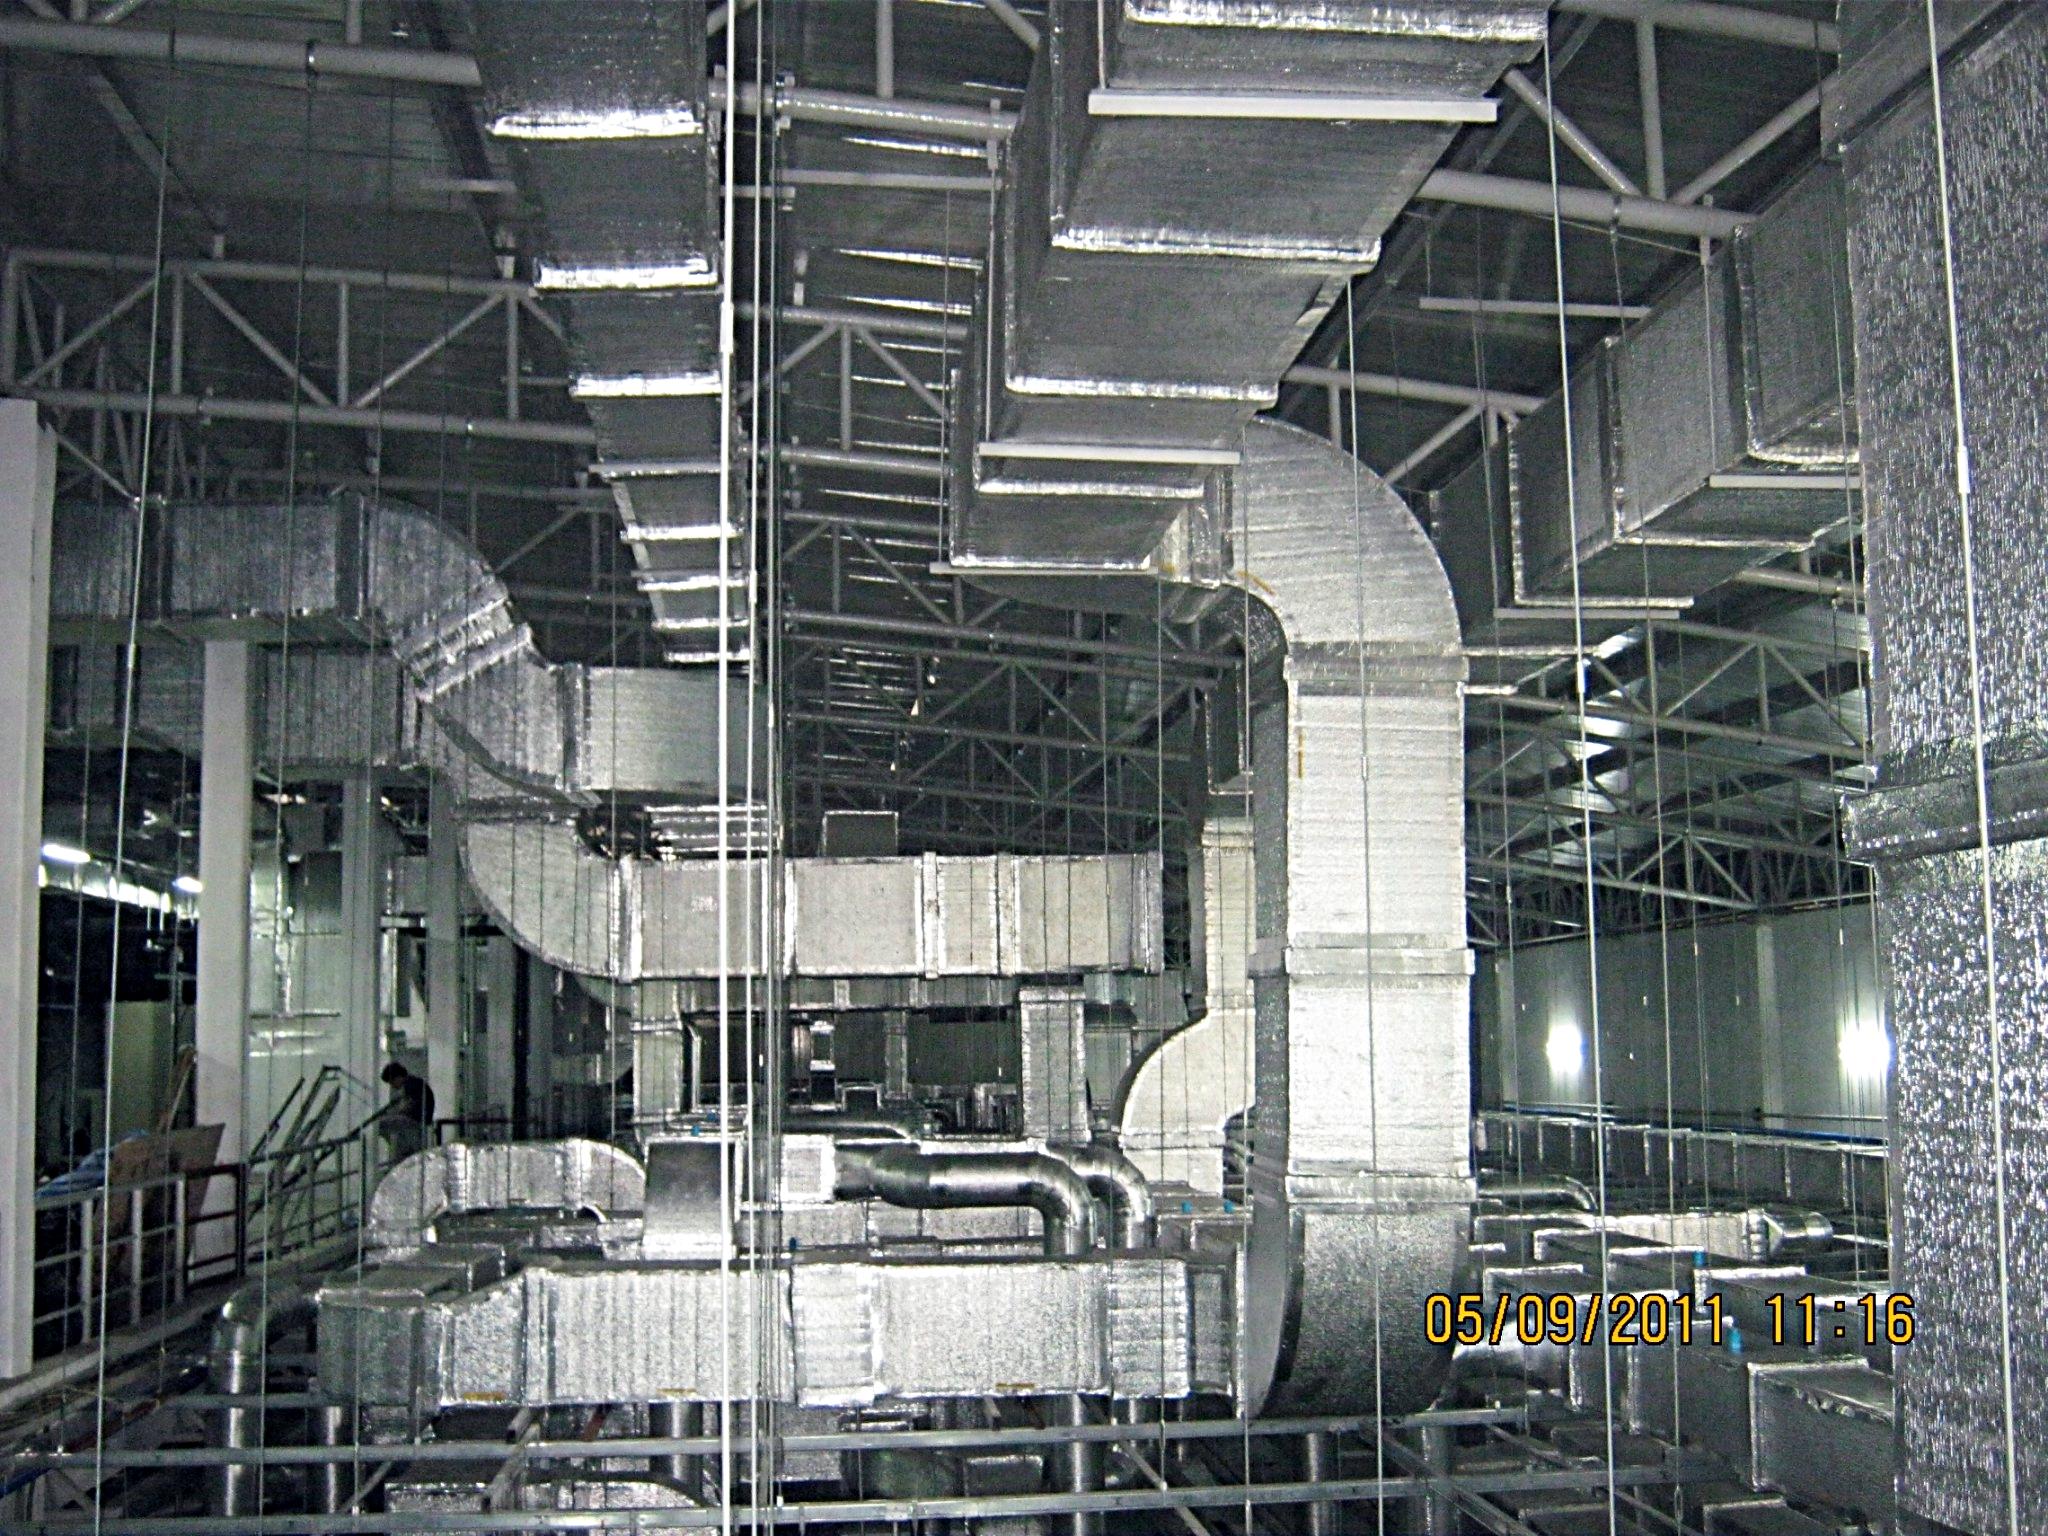 บริษัท เอส เอ็ม สหมิตร เอ็นจิเนียริ่ง (1998) จำกัด